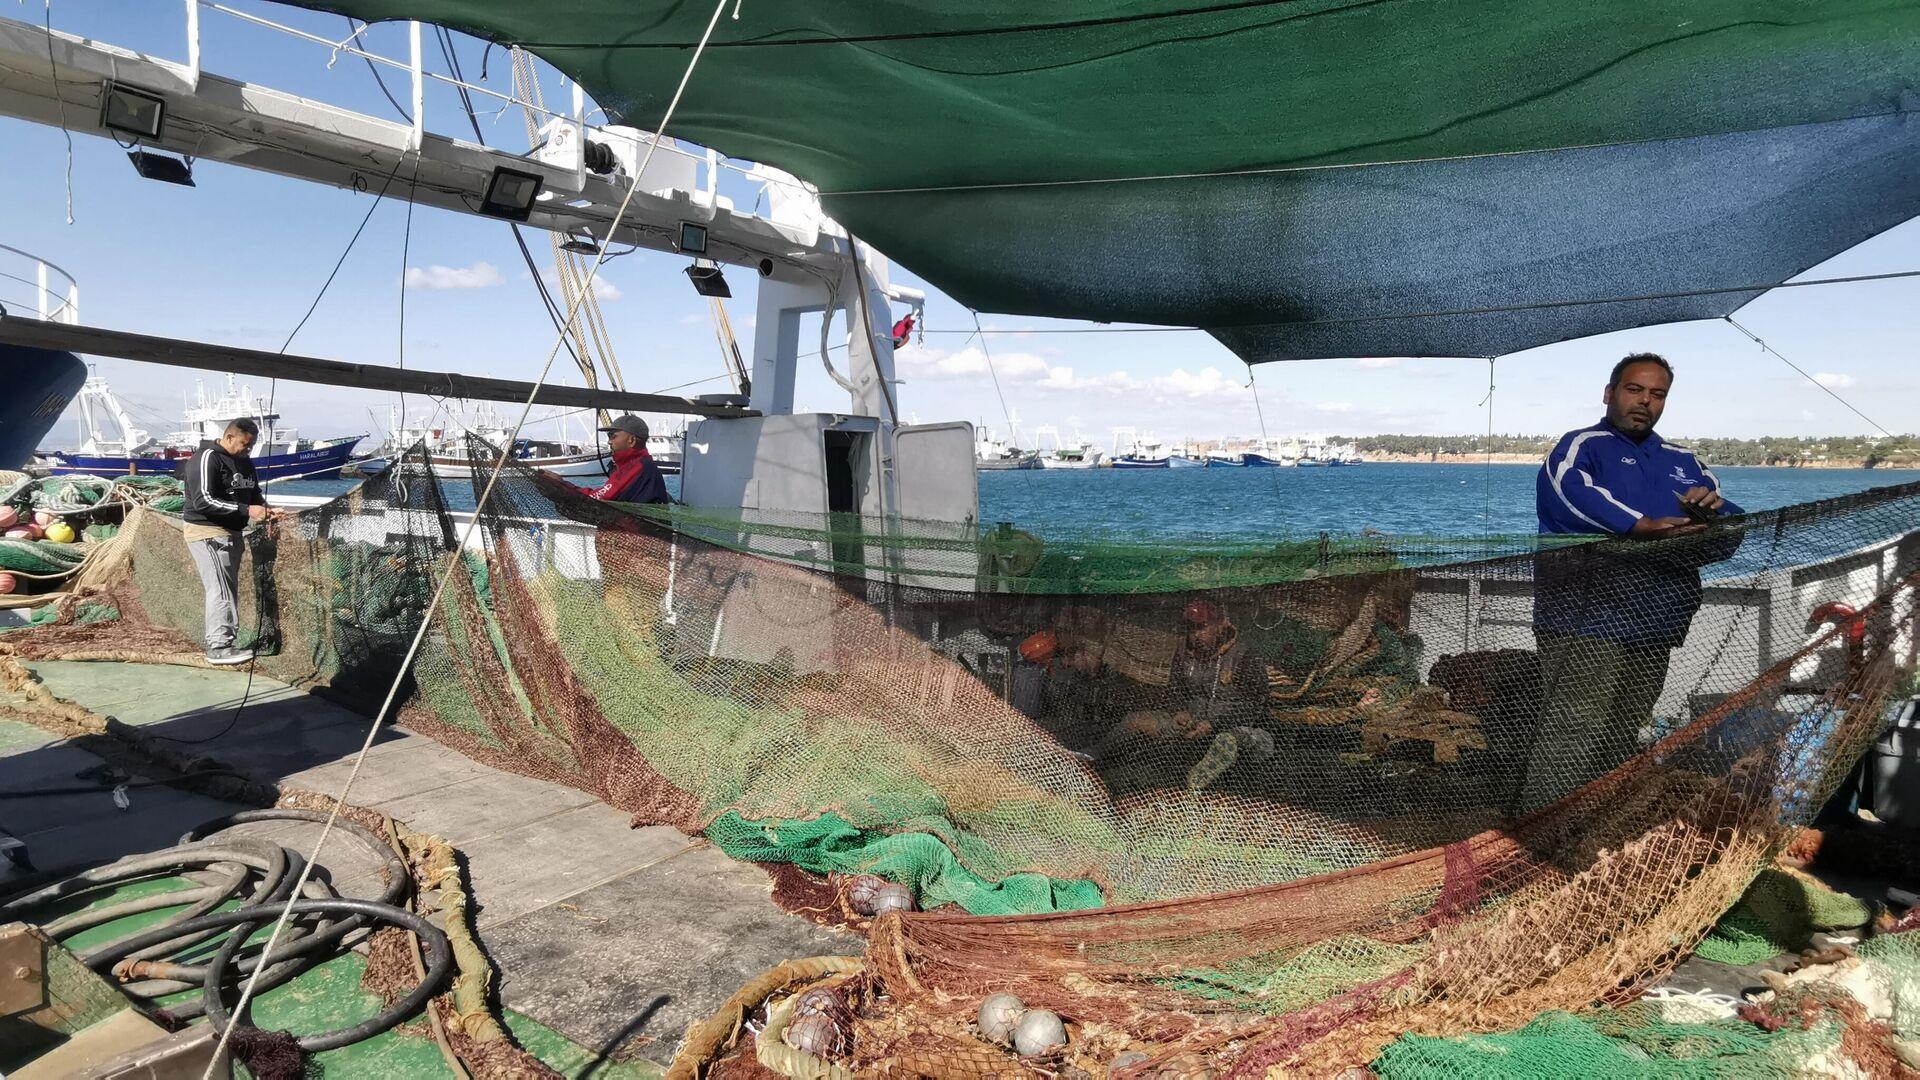 Αιγύπτιοι αλιεργάτες ράβουν δίχτυα σε μηχανότρατα στη Νέα Μηχανιώνα - Sputnik Ελλάδα, 1920, 25.09.2021